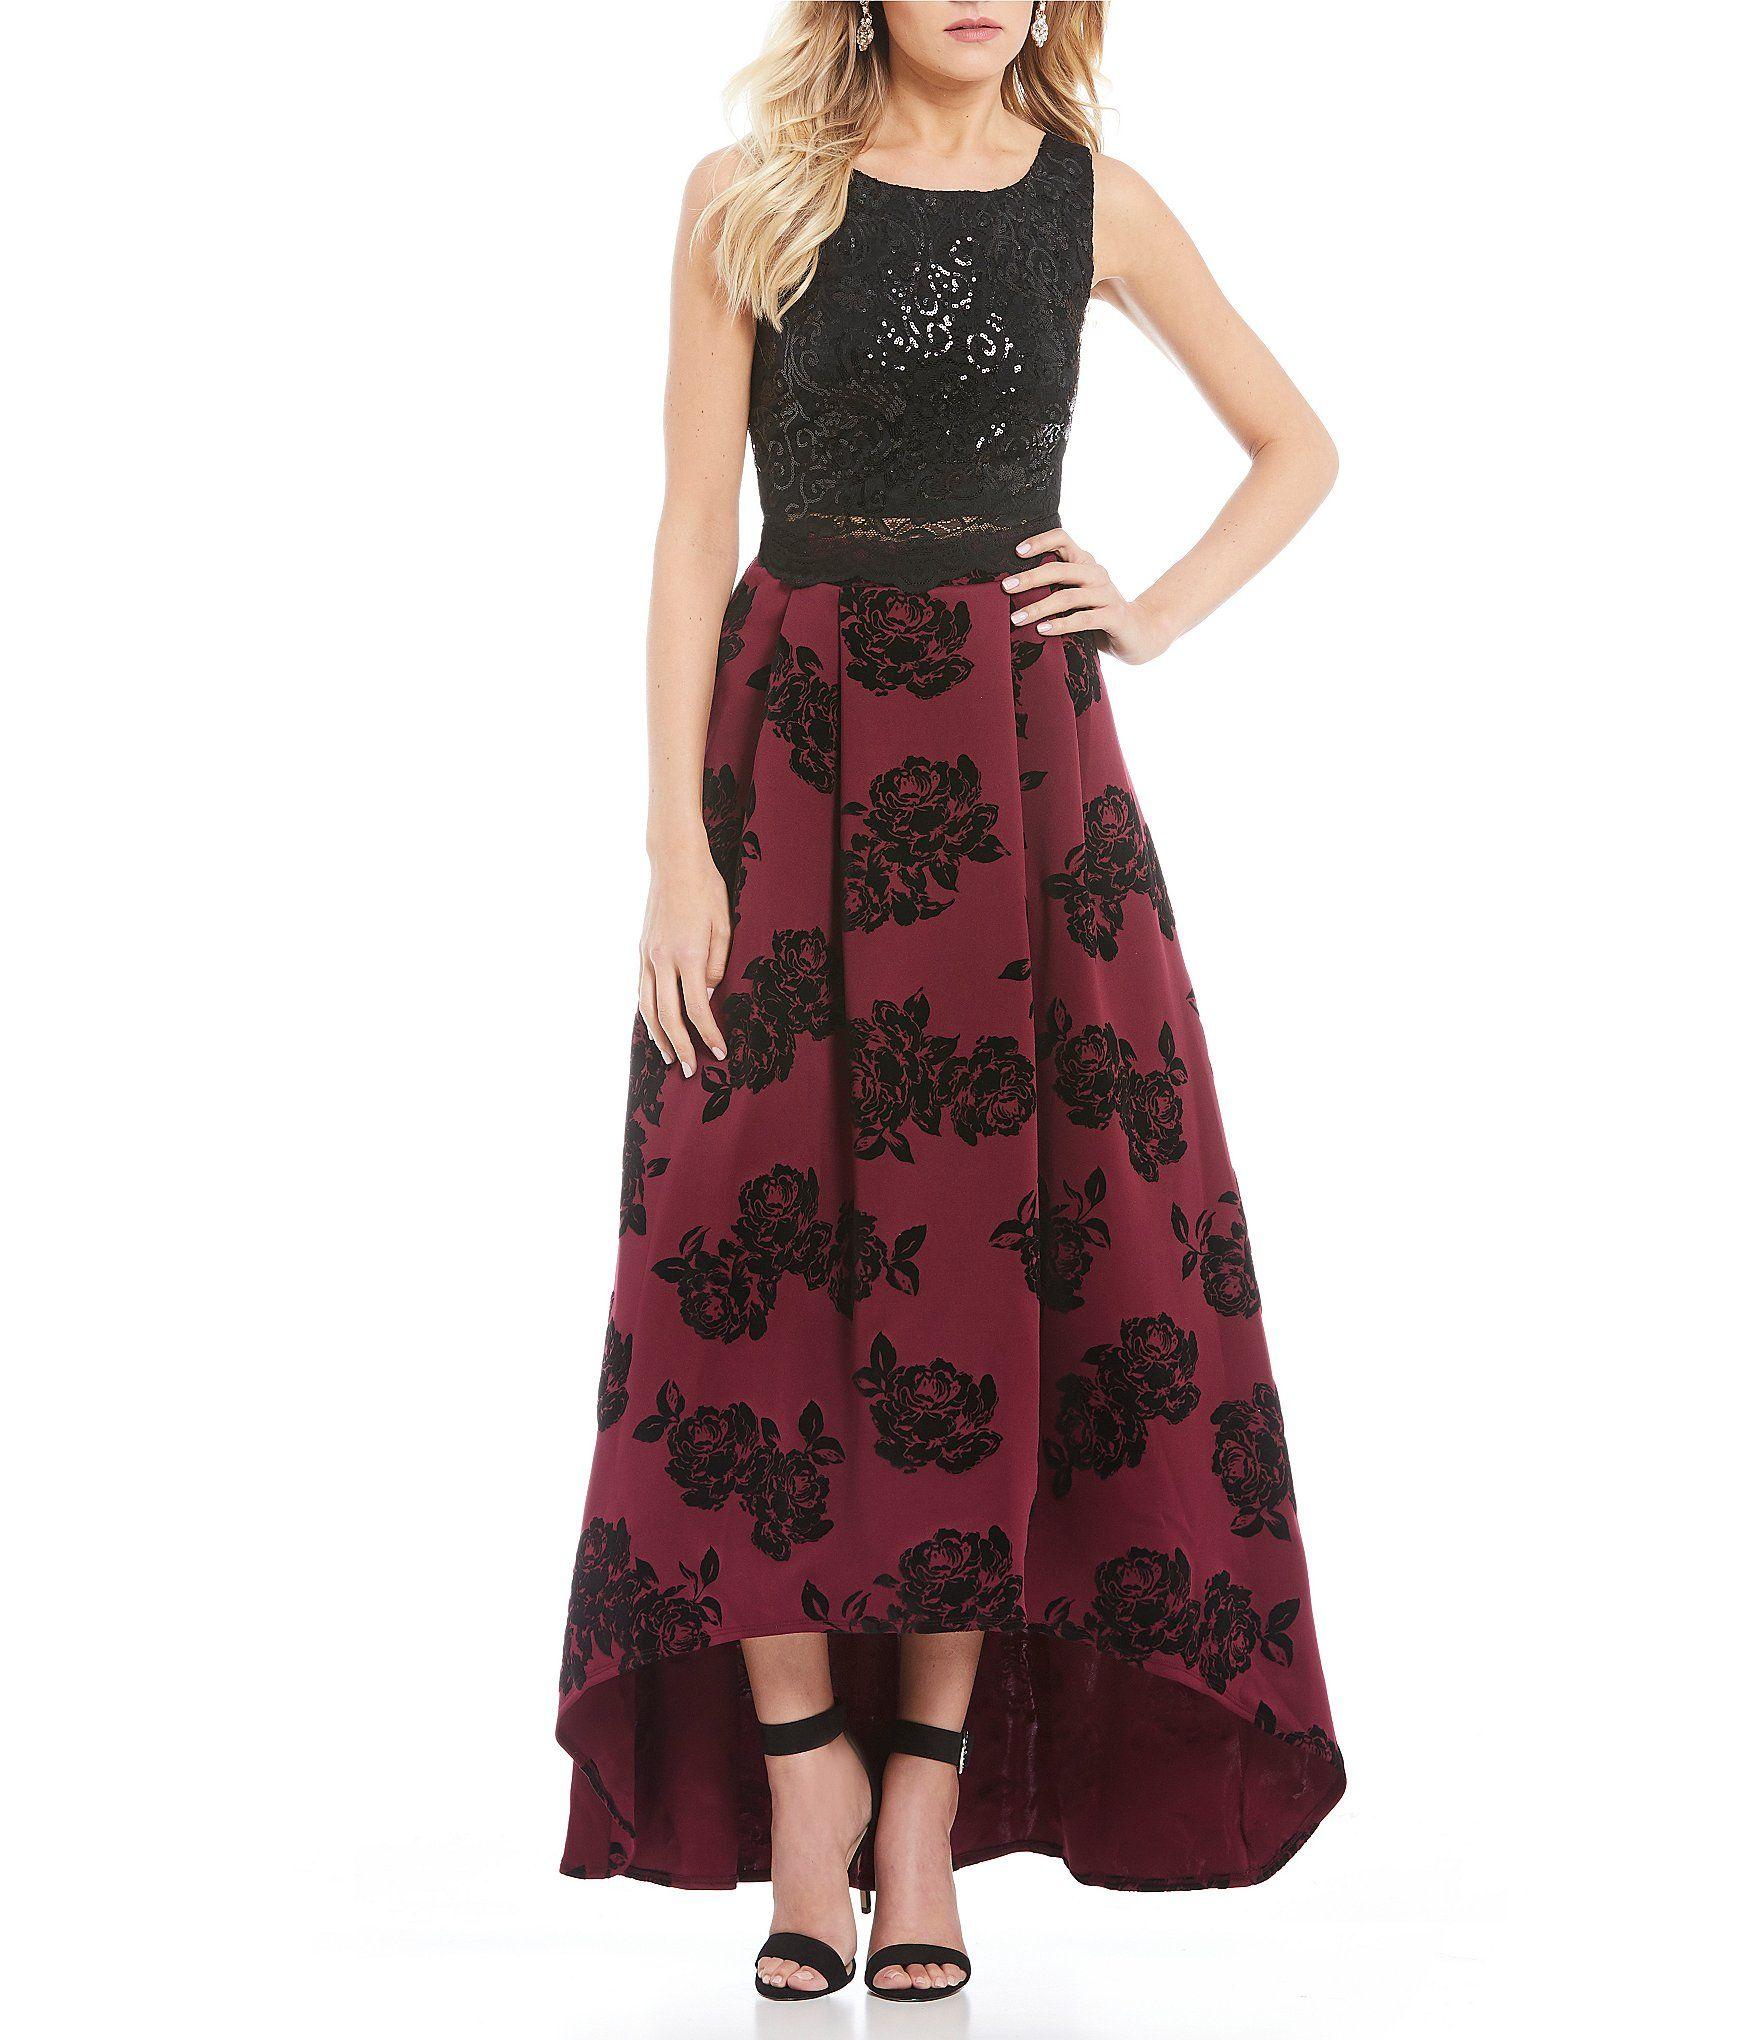 385a92e5730 Jodi Kristopher Floral Flocked Skirt TwoPiece HighLow Dress  Dillards